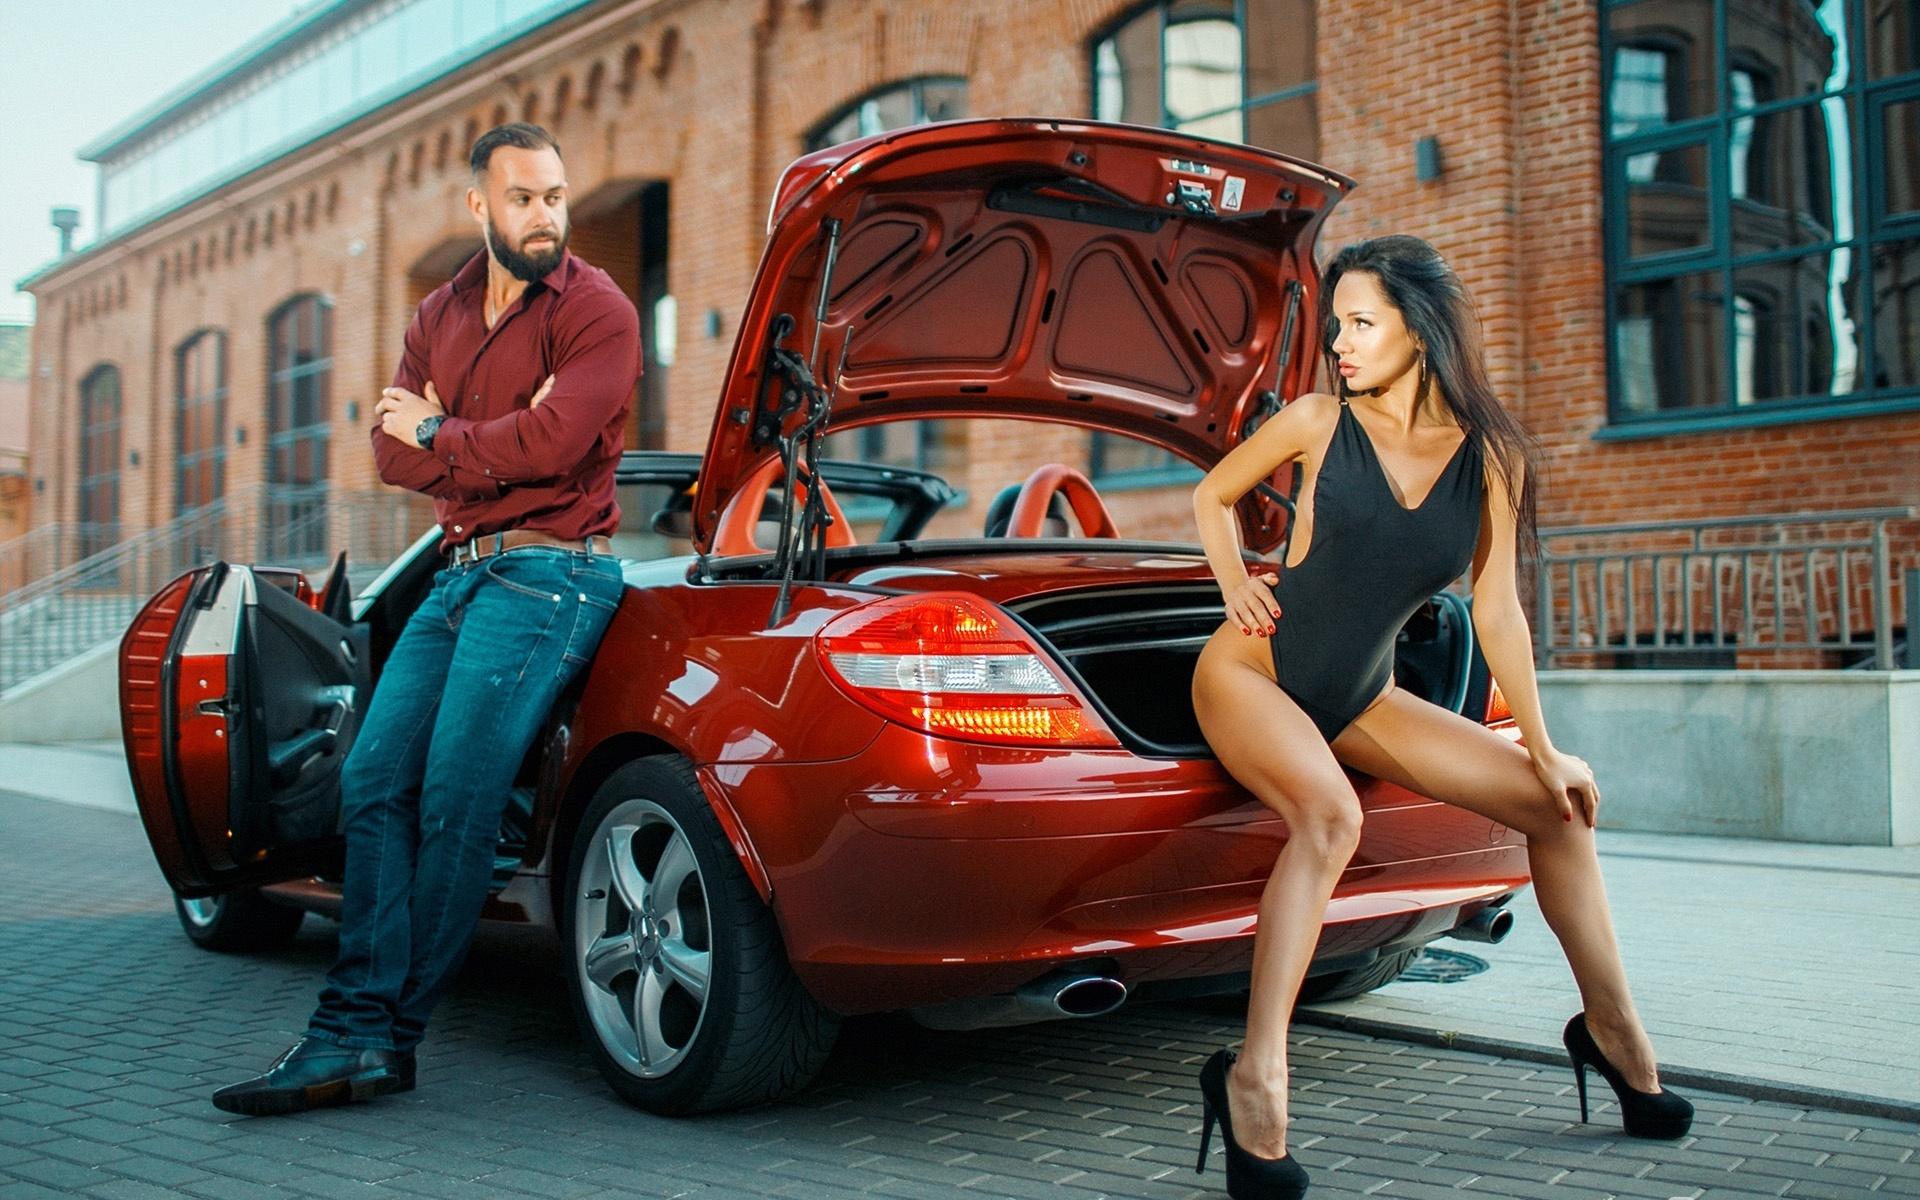 Хочу сфотографироваться около машины для рекламы